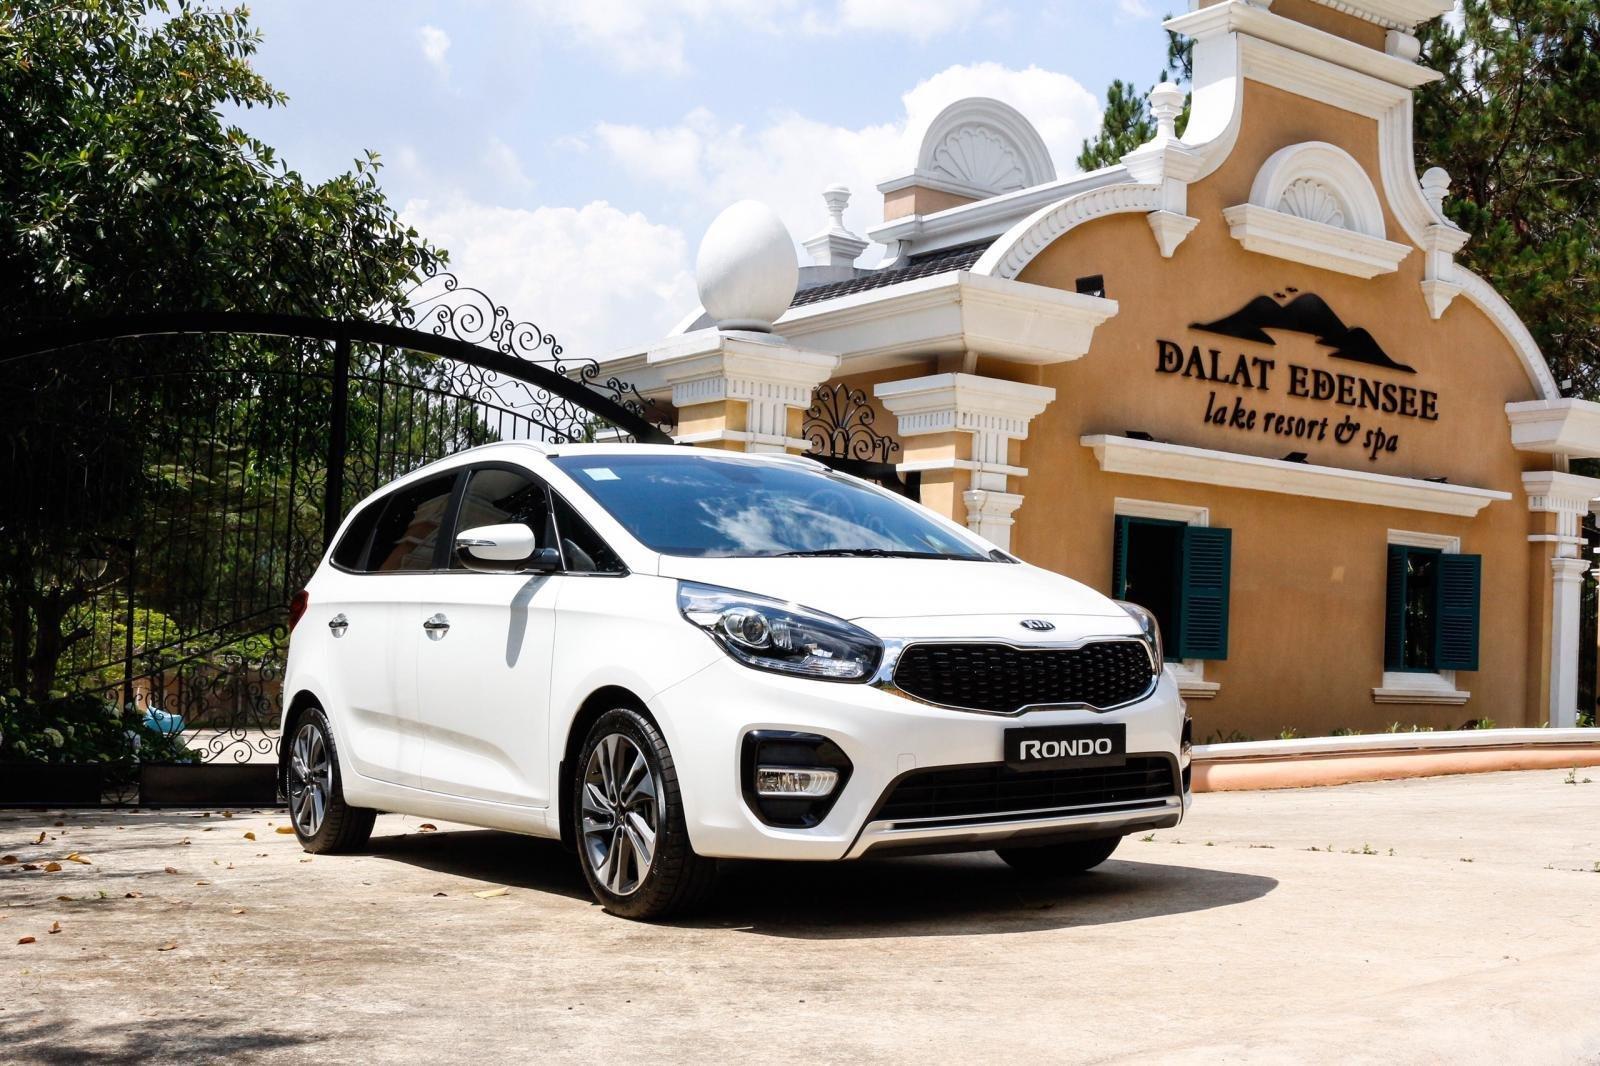 Thông số kỹ thuật xe Kia Rondo 2019 bản Standard MT vừa ra mắt Việt Nam